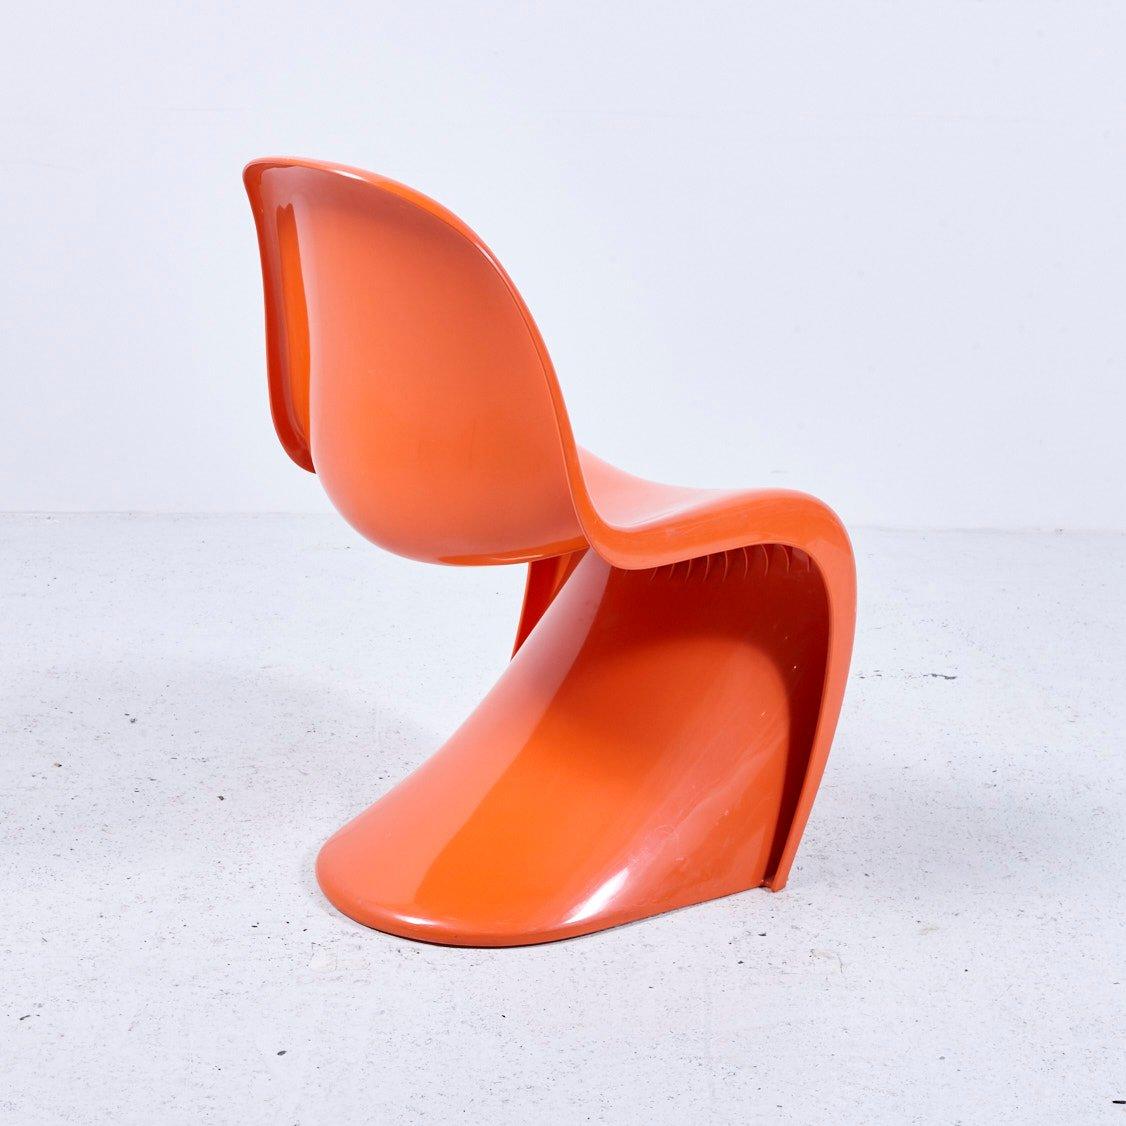 orangefarbener panton stuhl von hermann miller 1970er bei pamono kaufen. Black Bedroom Furniture Sets. Home Design Ideas